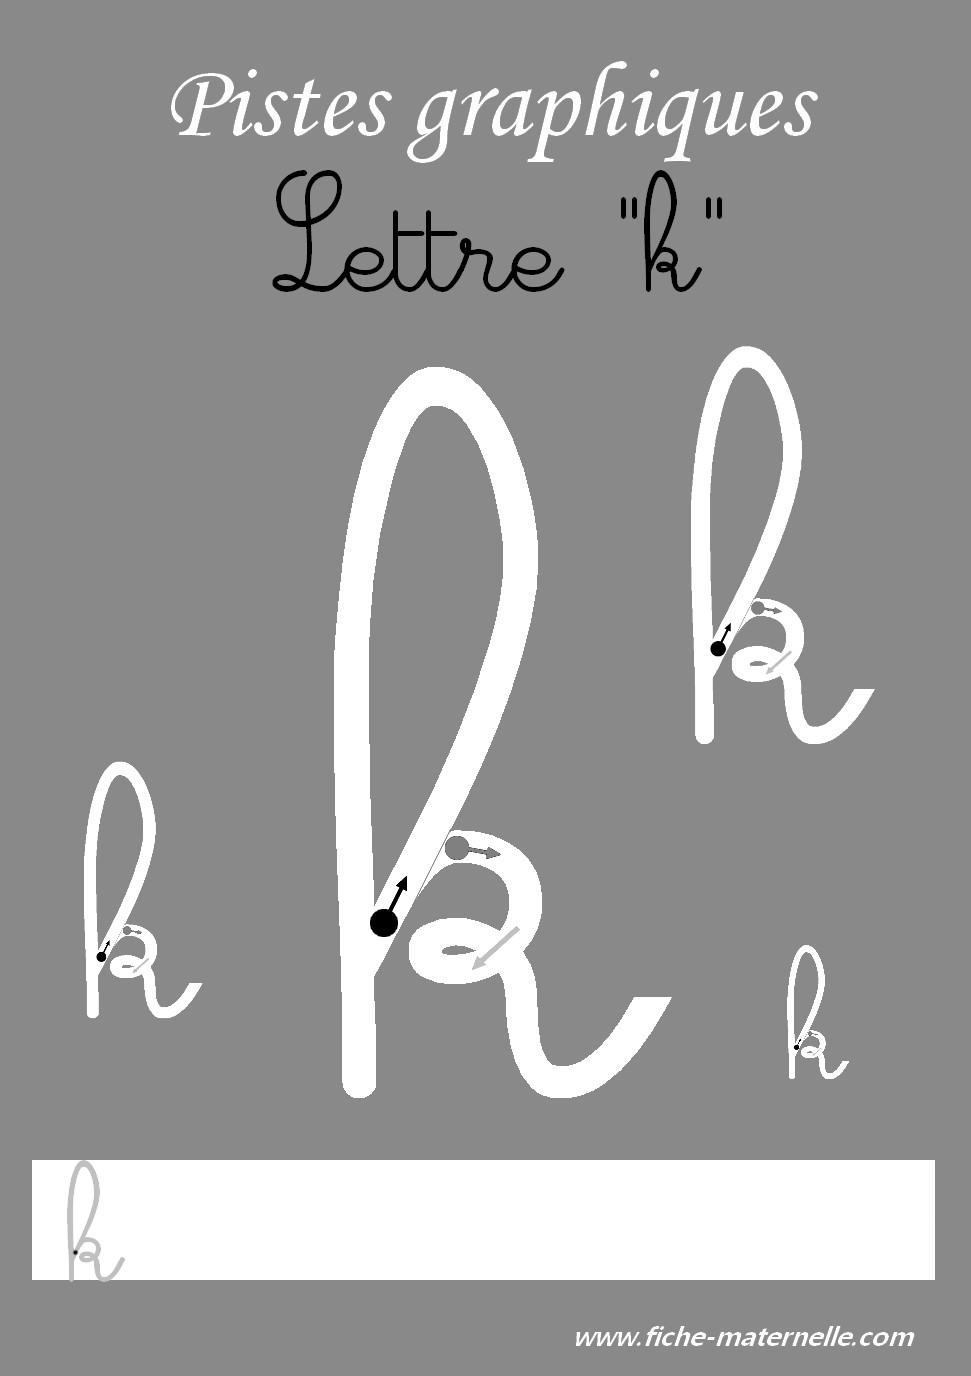 lettre k en attaché PISTES GRAPHIQUES pour apprendre à écrire les lettres de l'alphabet lettre k en attaché